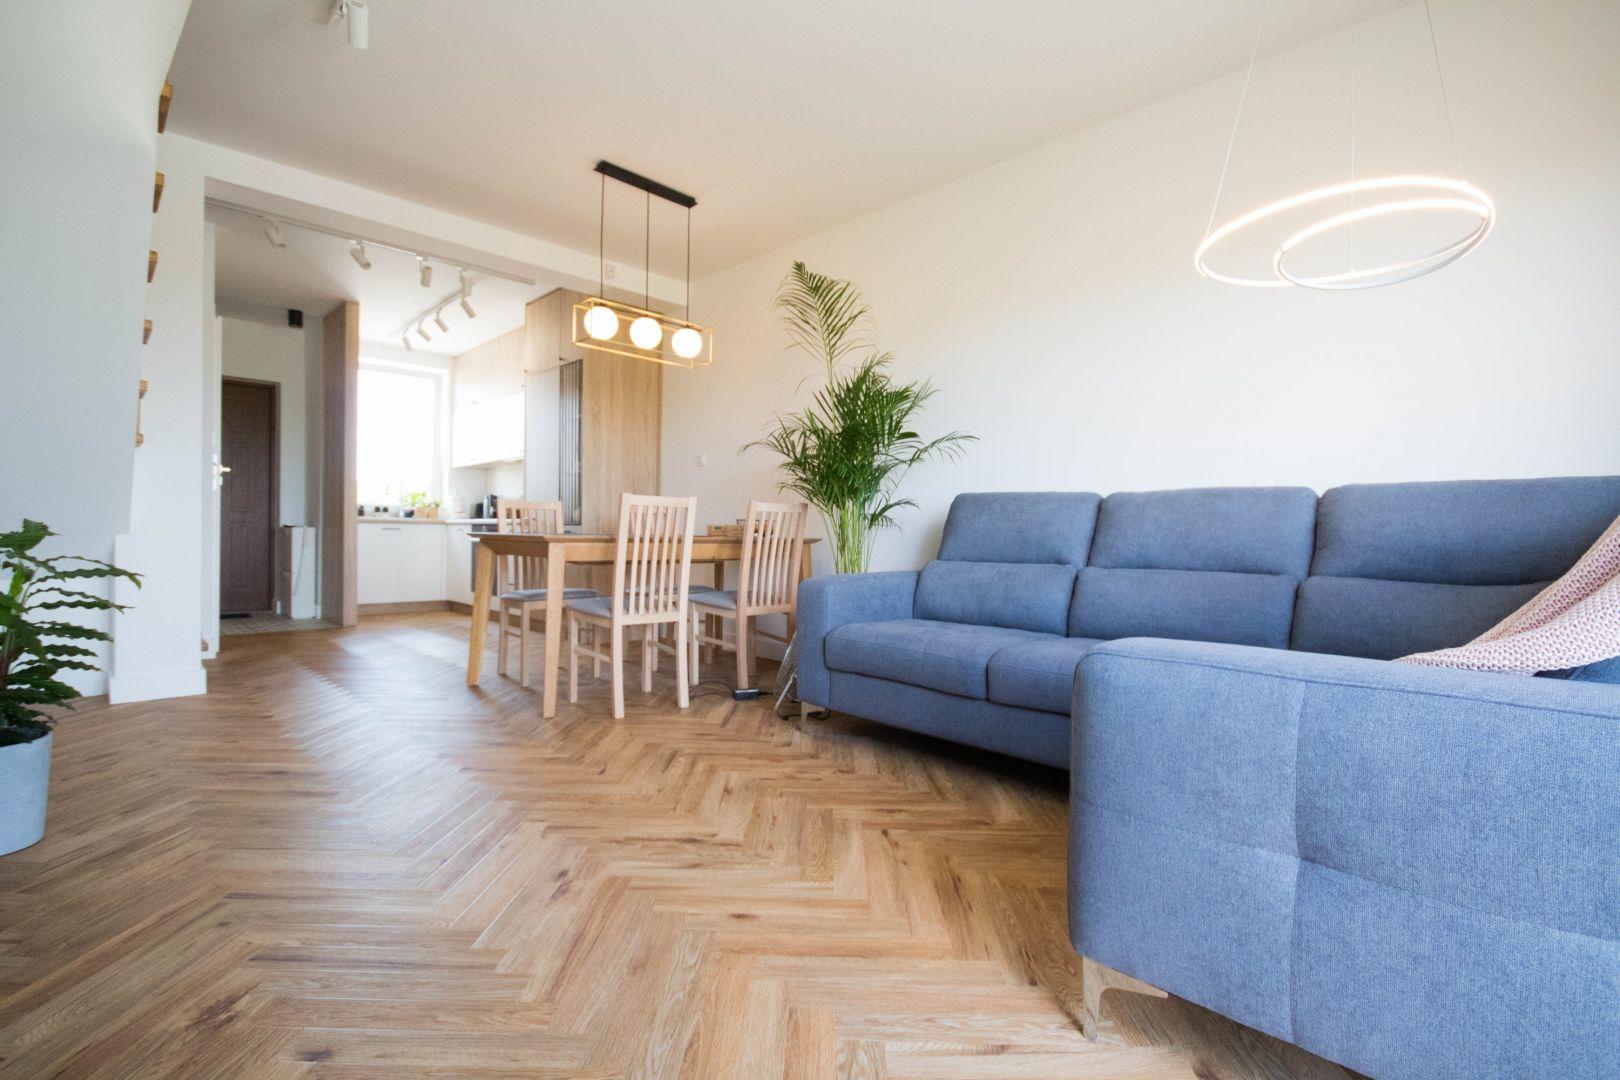 Zależało im na mieszkaniu, które byłoby przede wszystkim przytulne, a zarazem nowoczesne i oryginalne, spełniające wszystkie potrzeby i ustalone założenia. Projekt Nabak Architektura Wnętrz / Luxrad